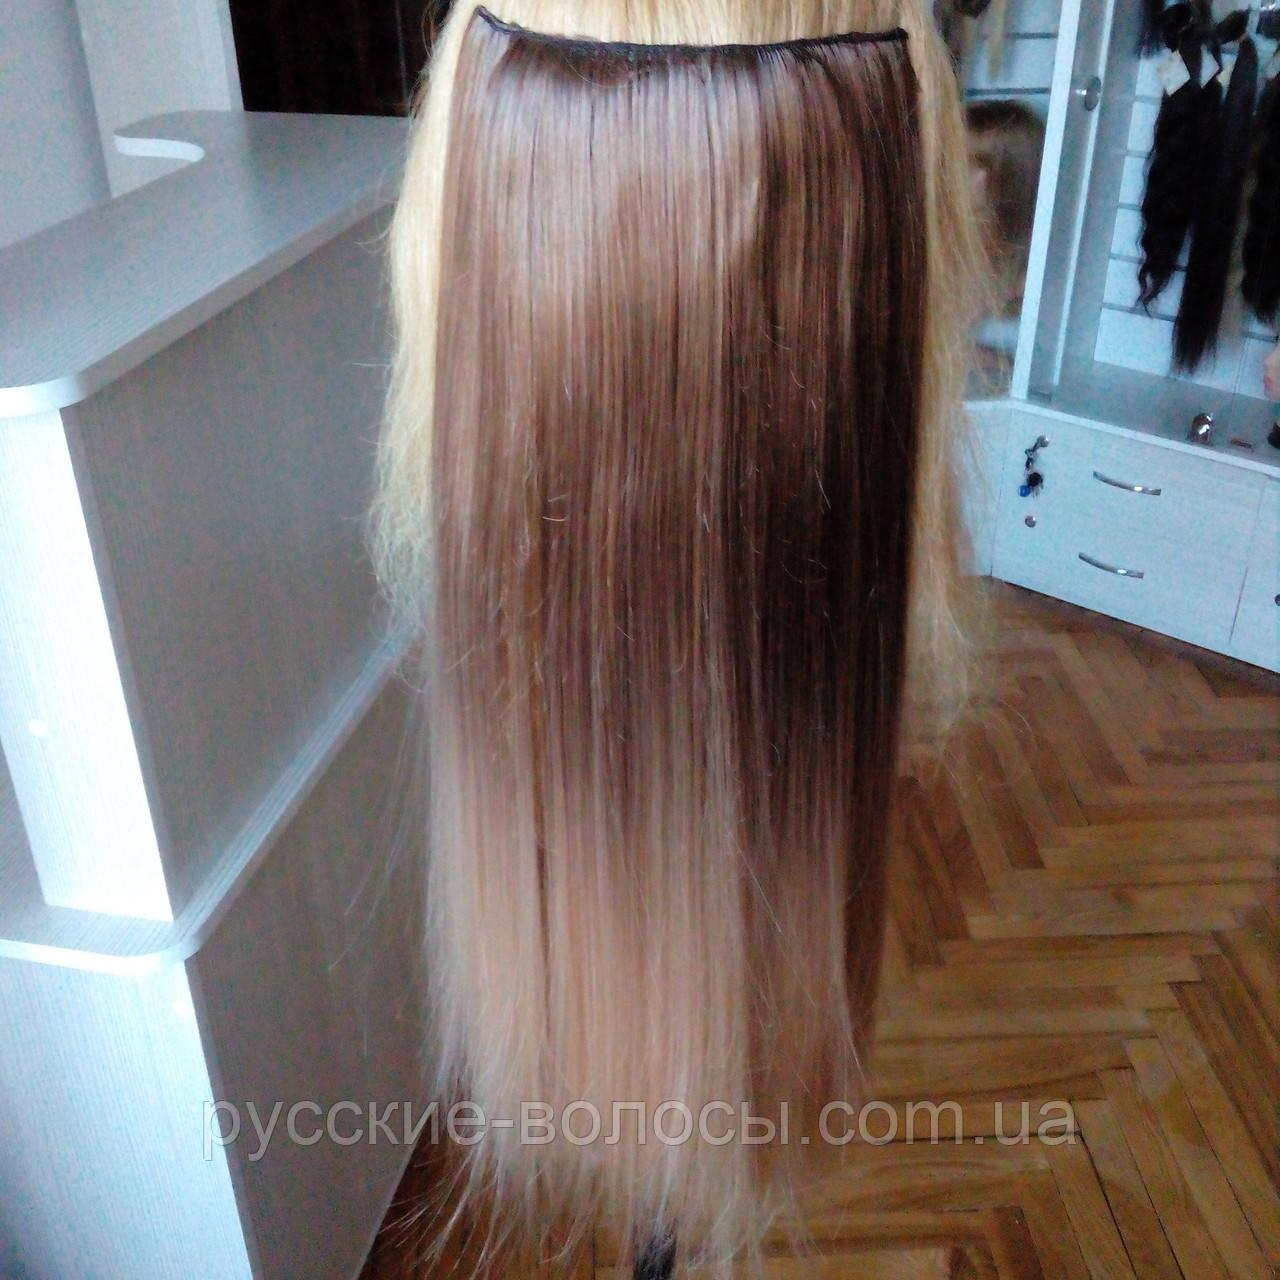 Натуральные волосы на заколках купить в интернет магазине